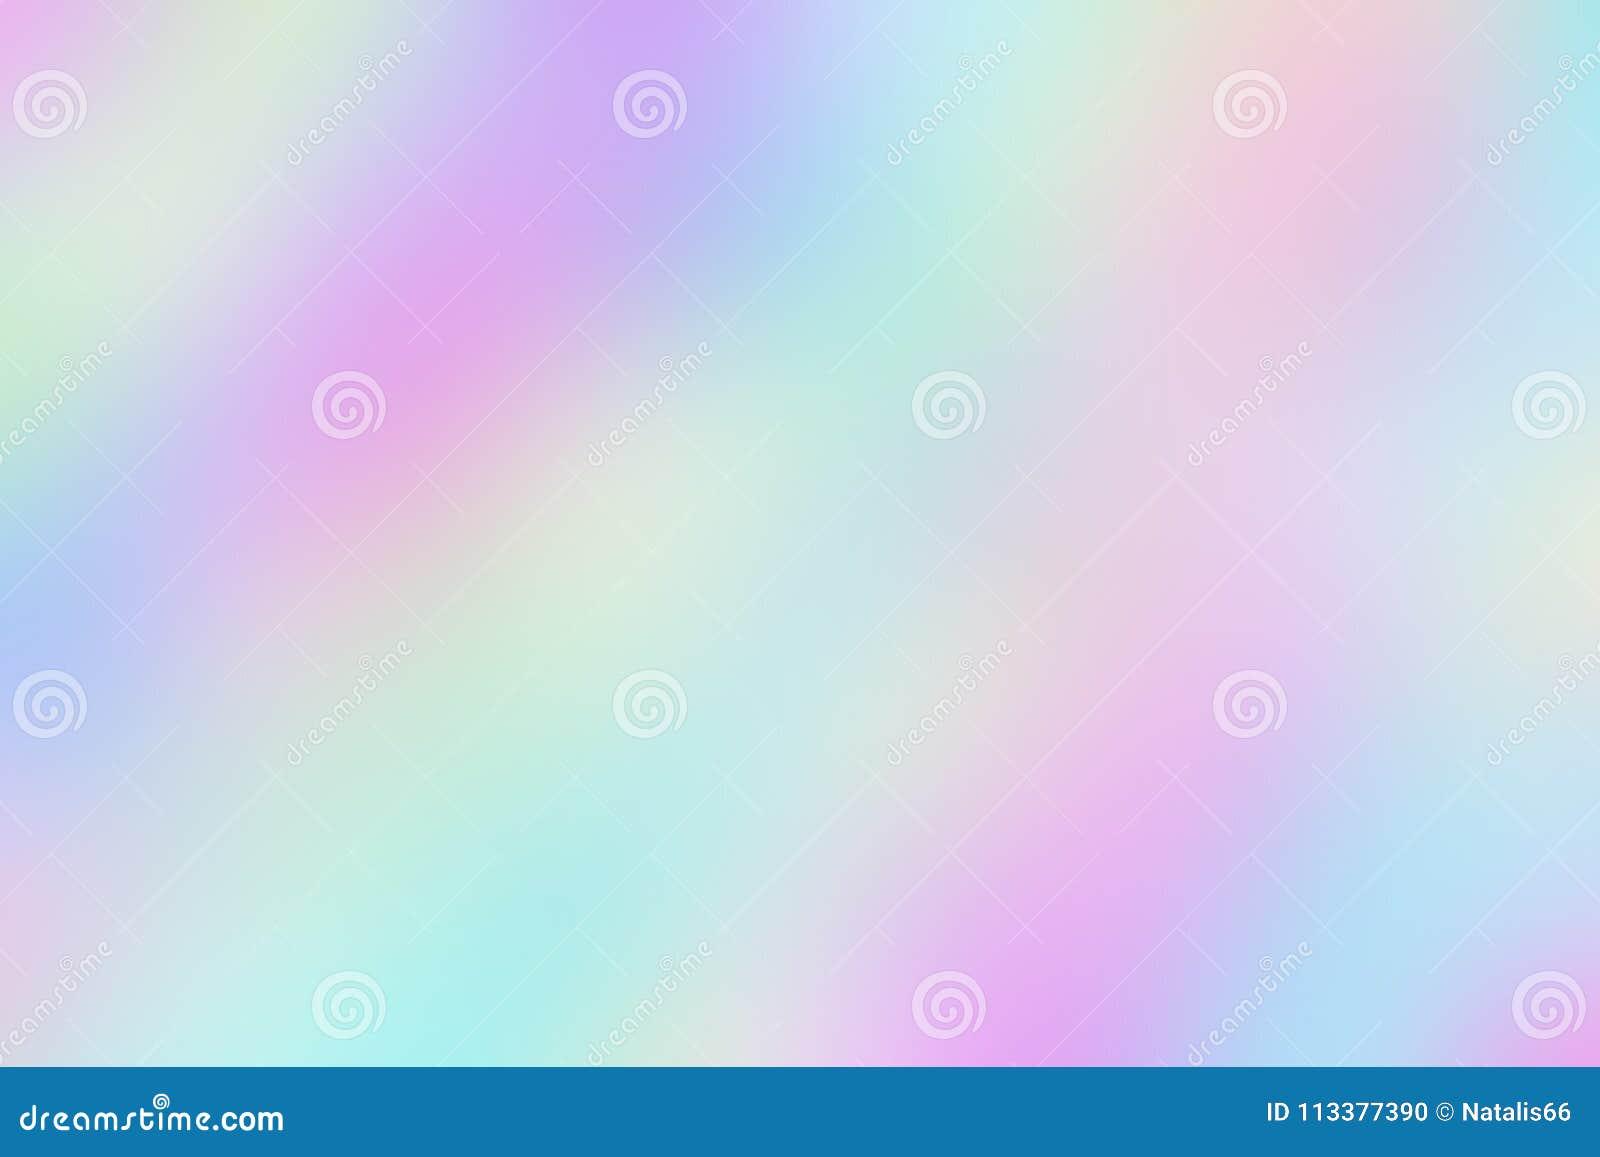 Fond iridescent peu clair brouillé de papier olographe lisse